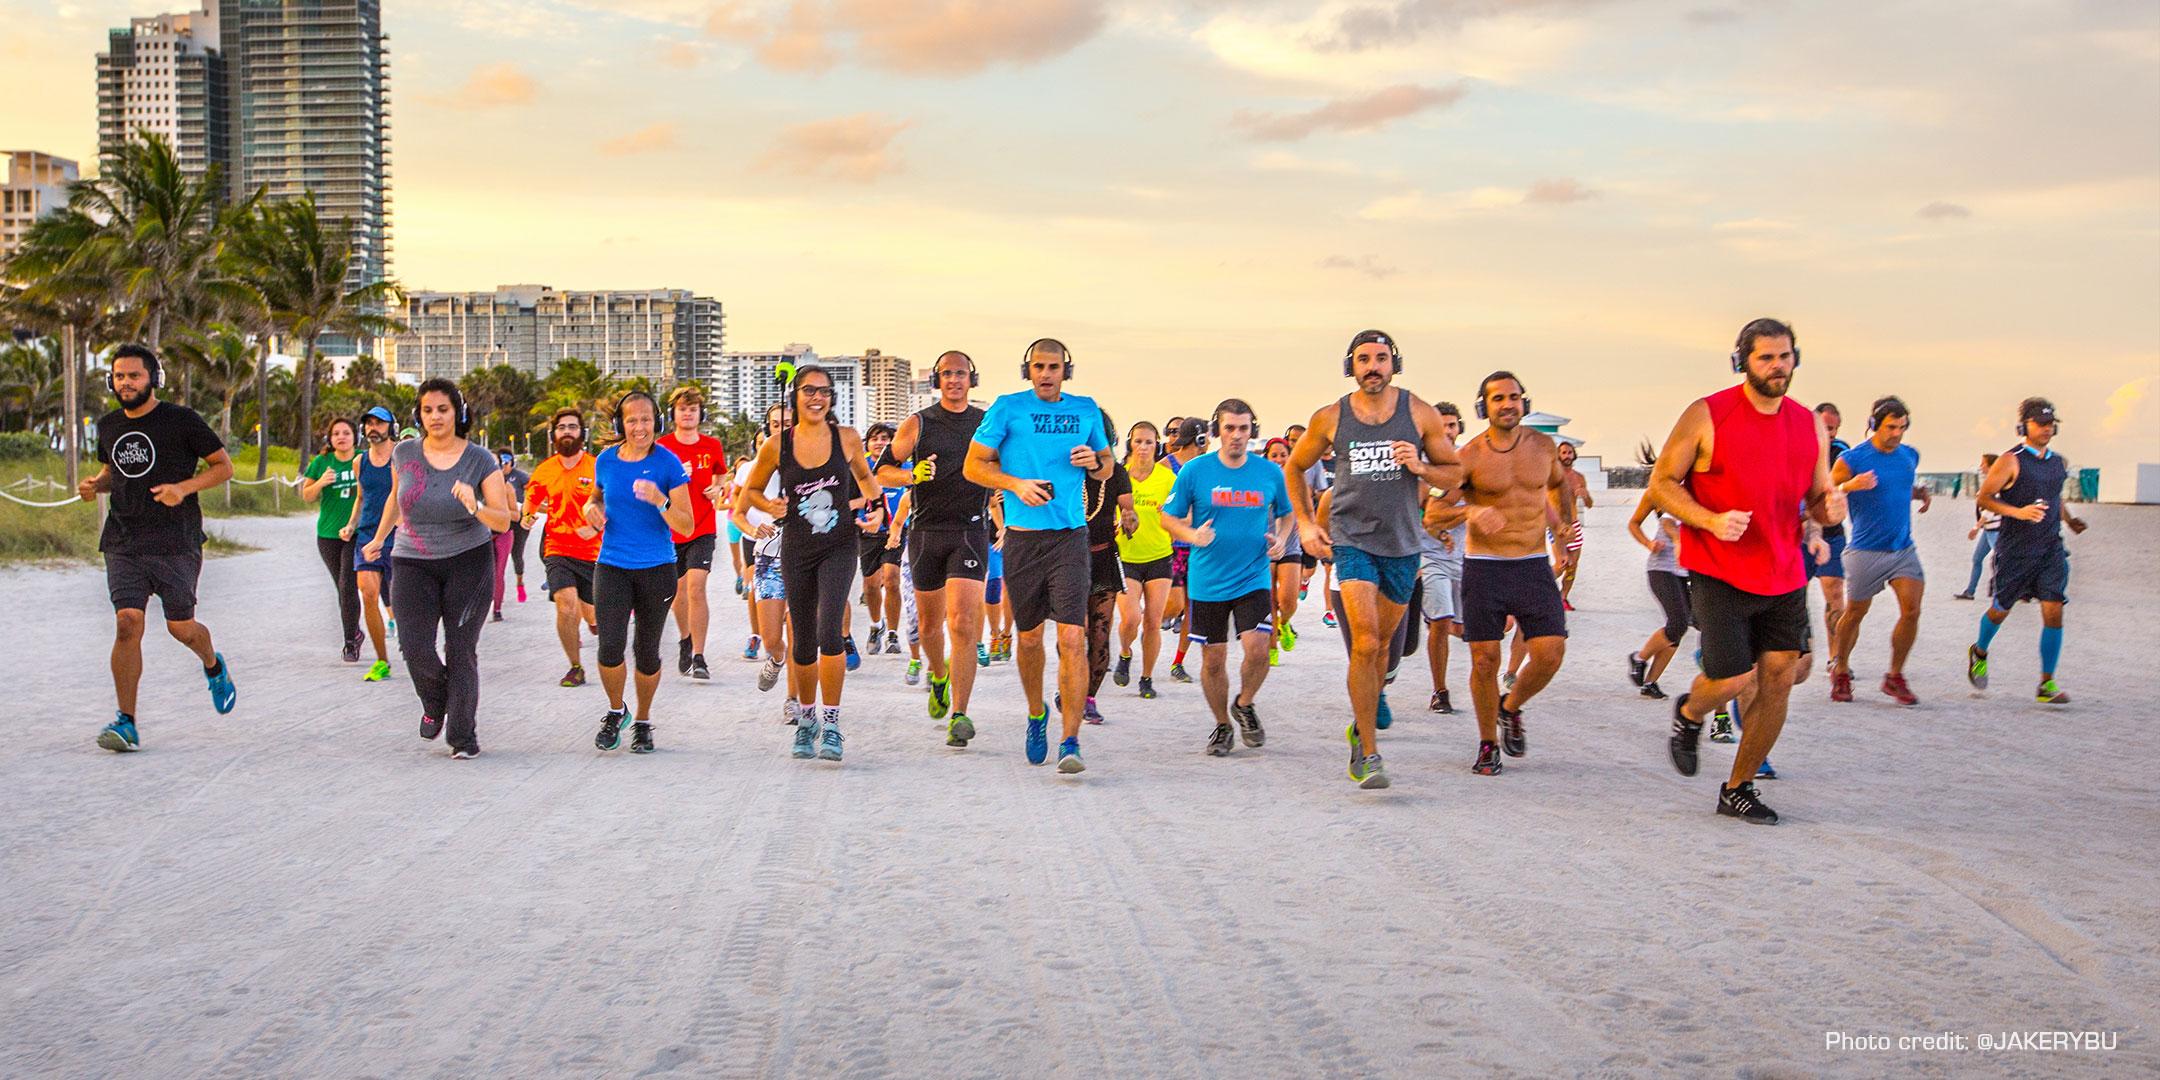 Miami Beach Ciclovia Silenced by Sound Off™